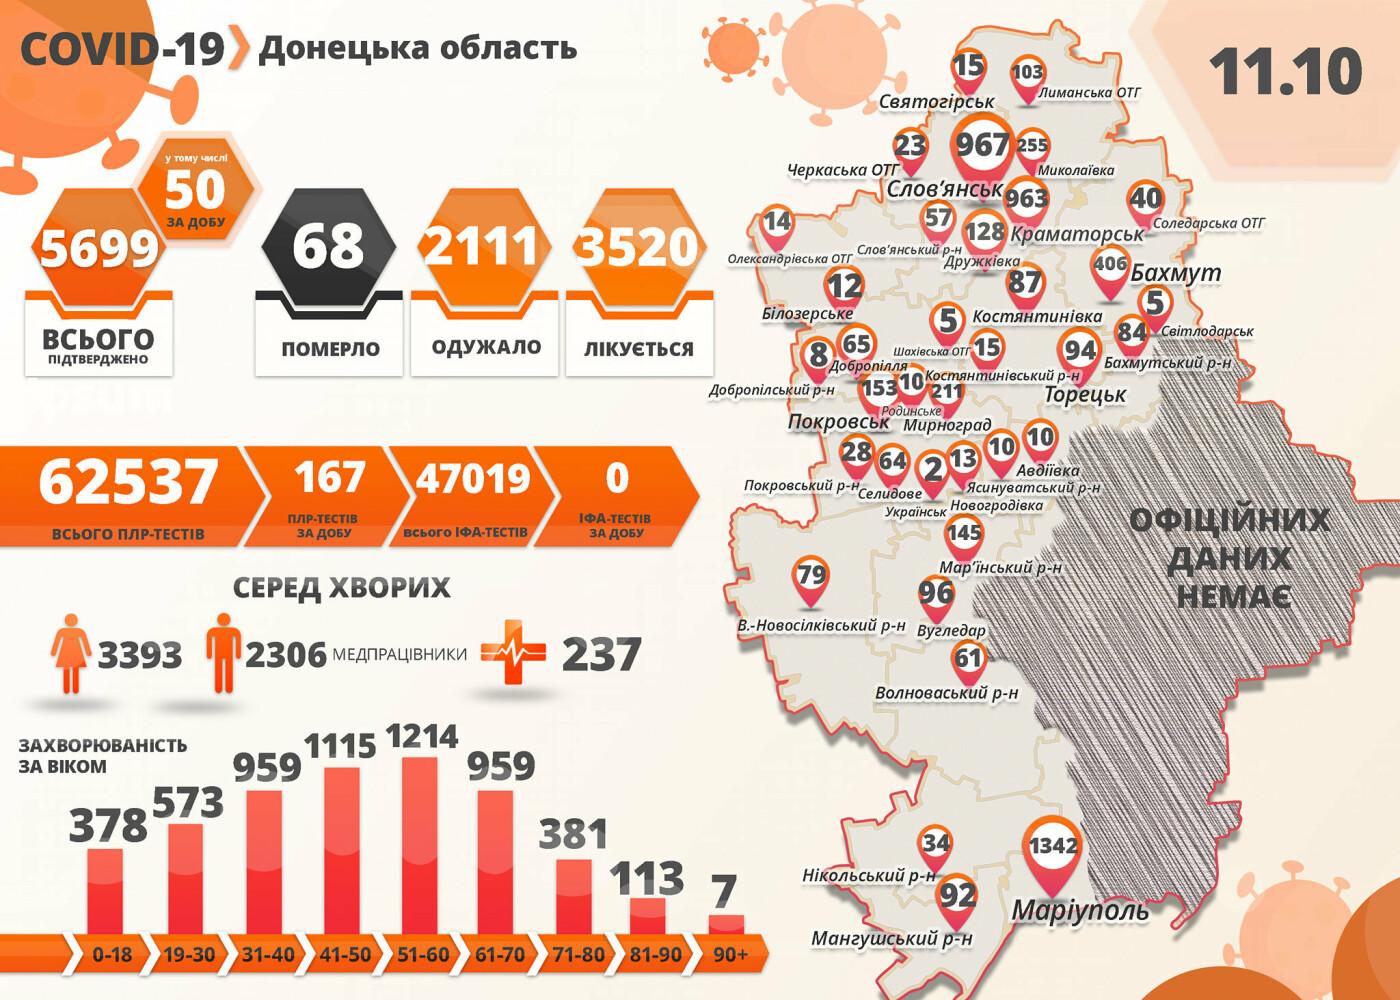 121456092817832482299174755337730370917874o 5f8402c167cf5 - В Донецкой области коронавирус унес жизни еще четырех человек